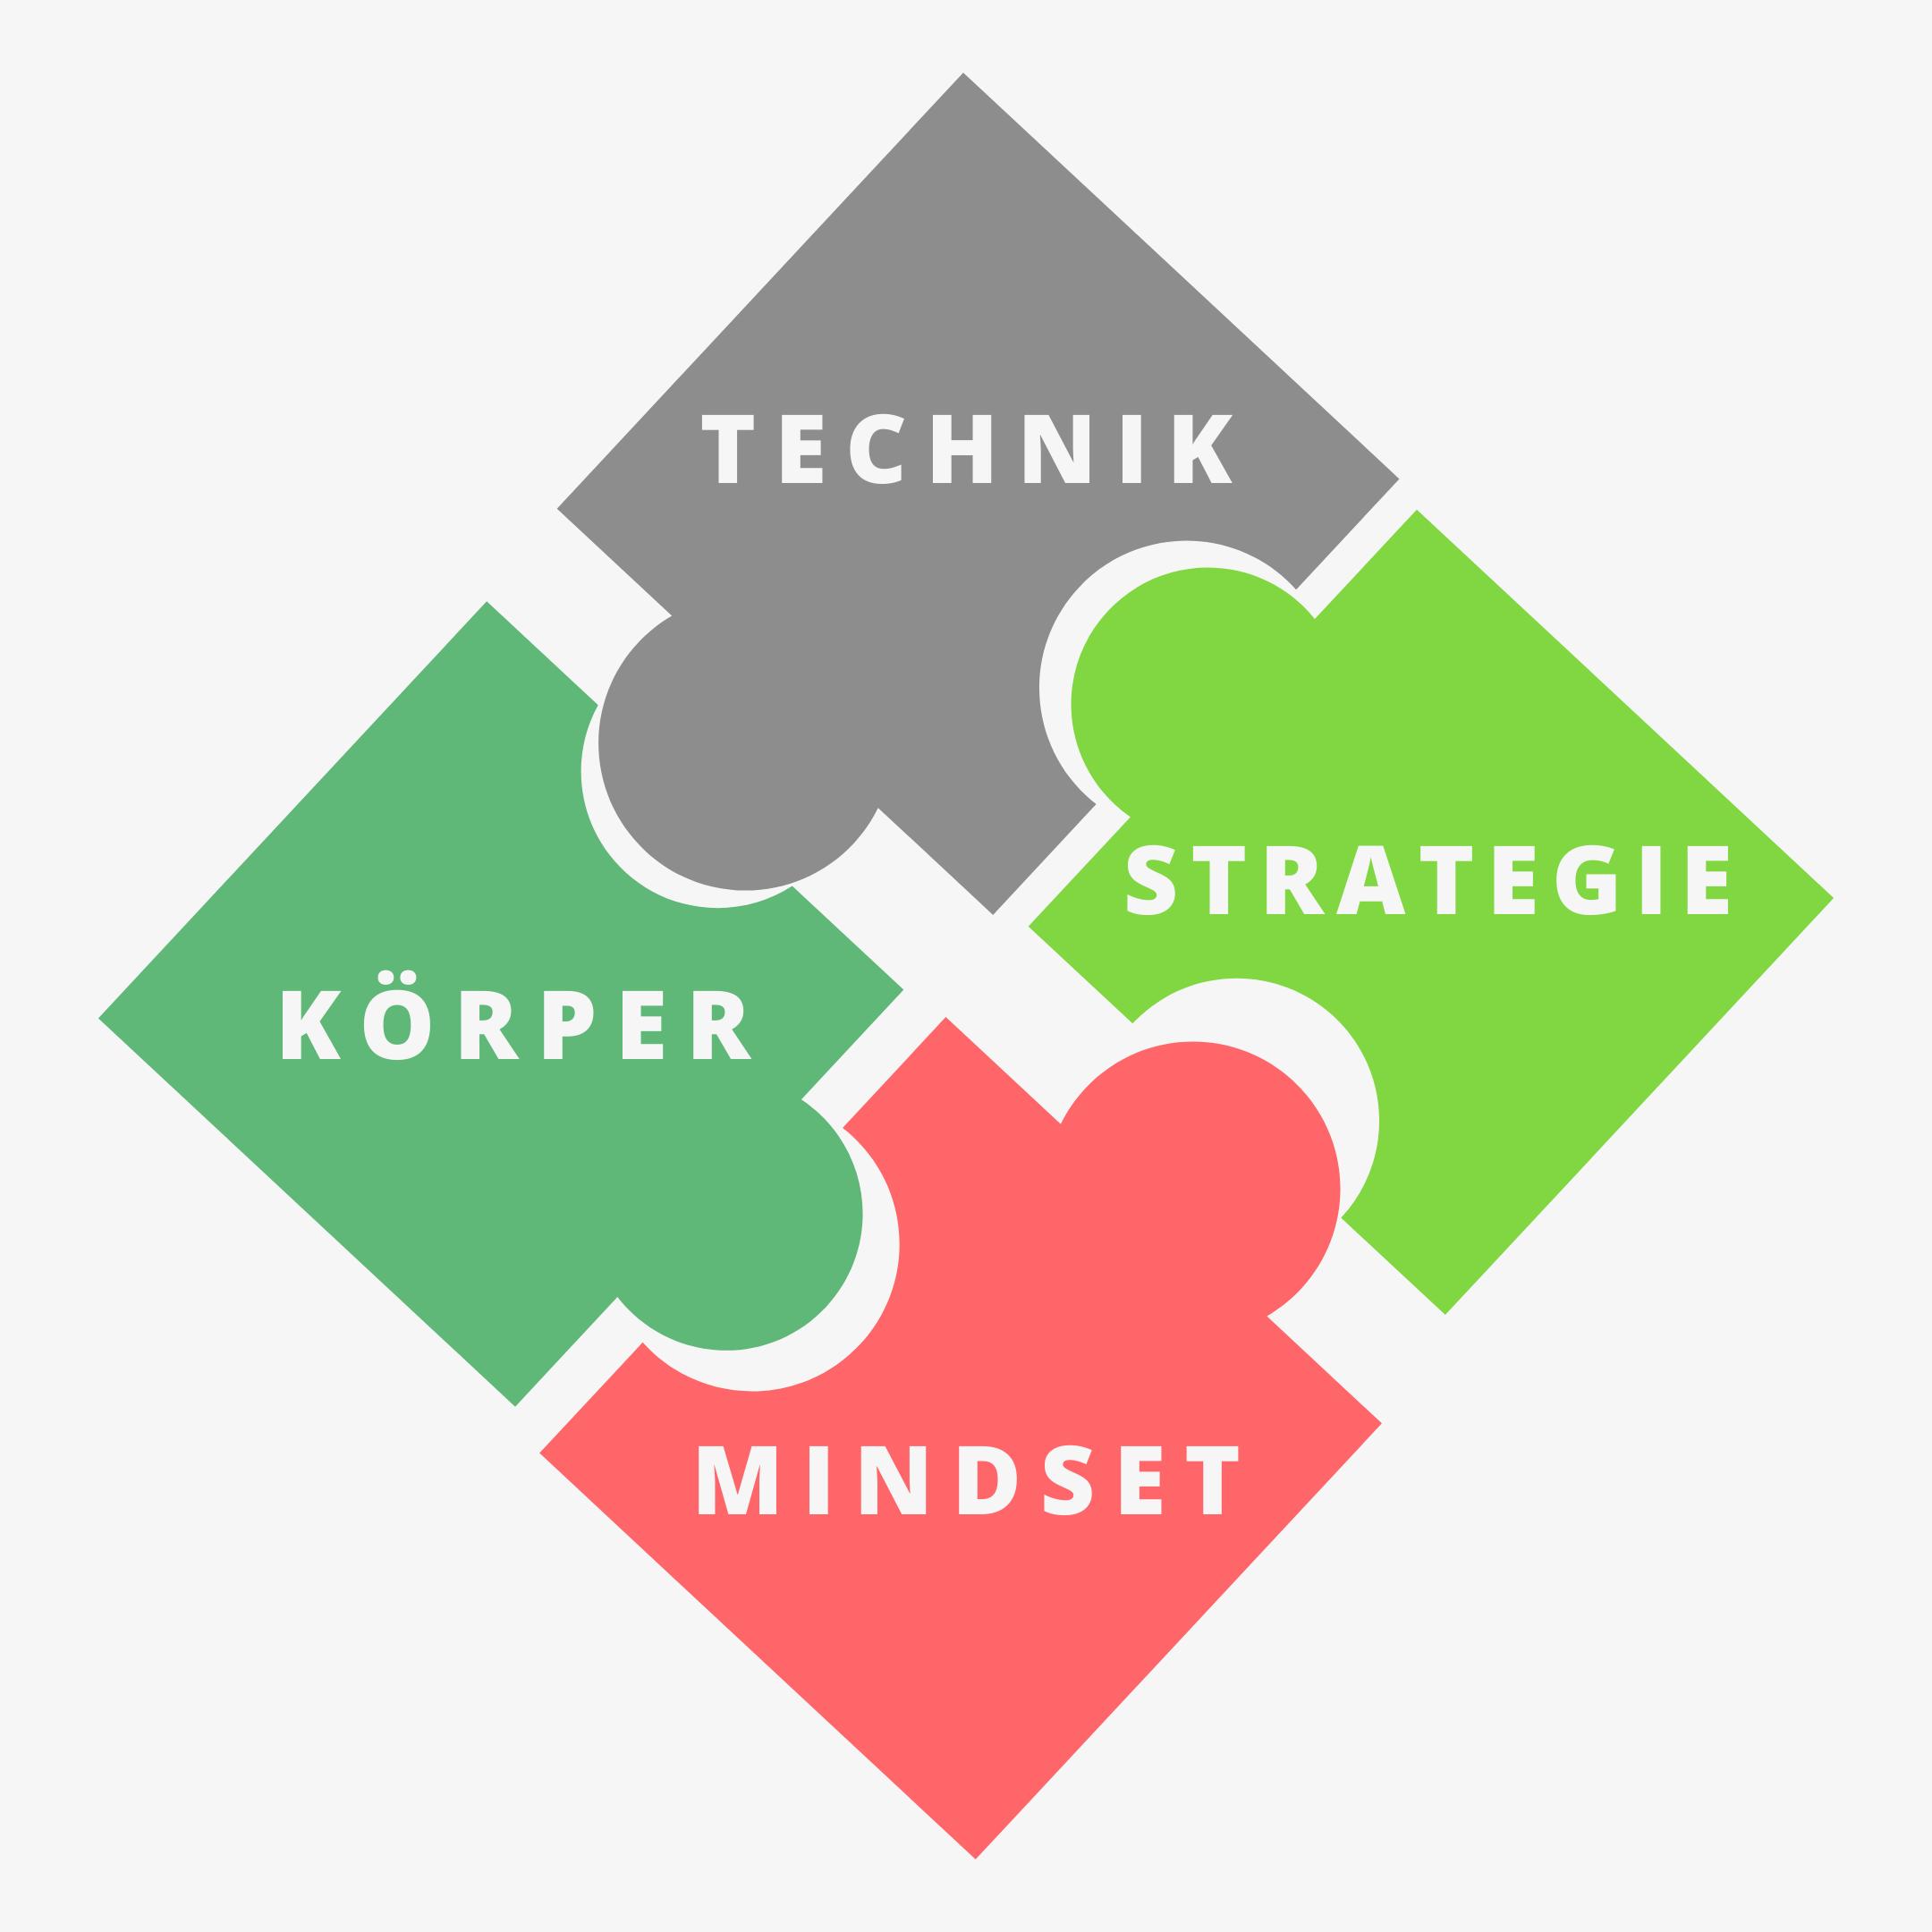 4 Puzzelteile Technik Körper Strategie Mindset